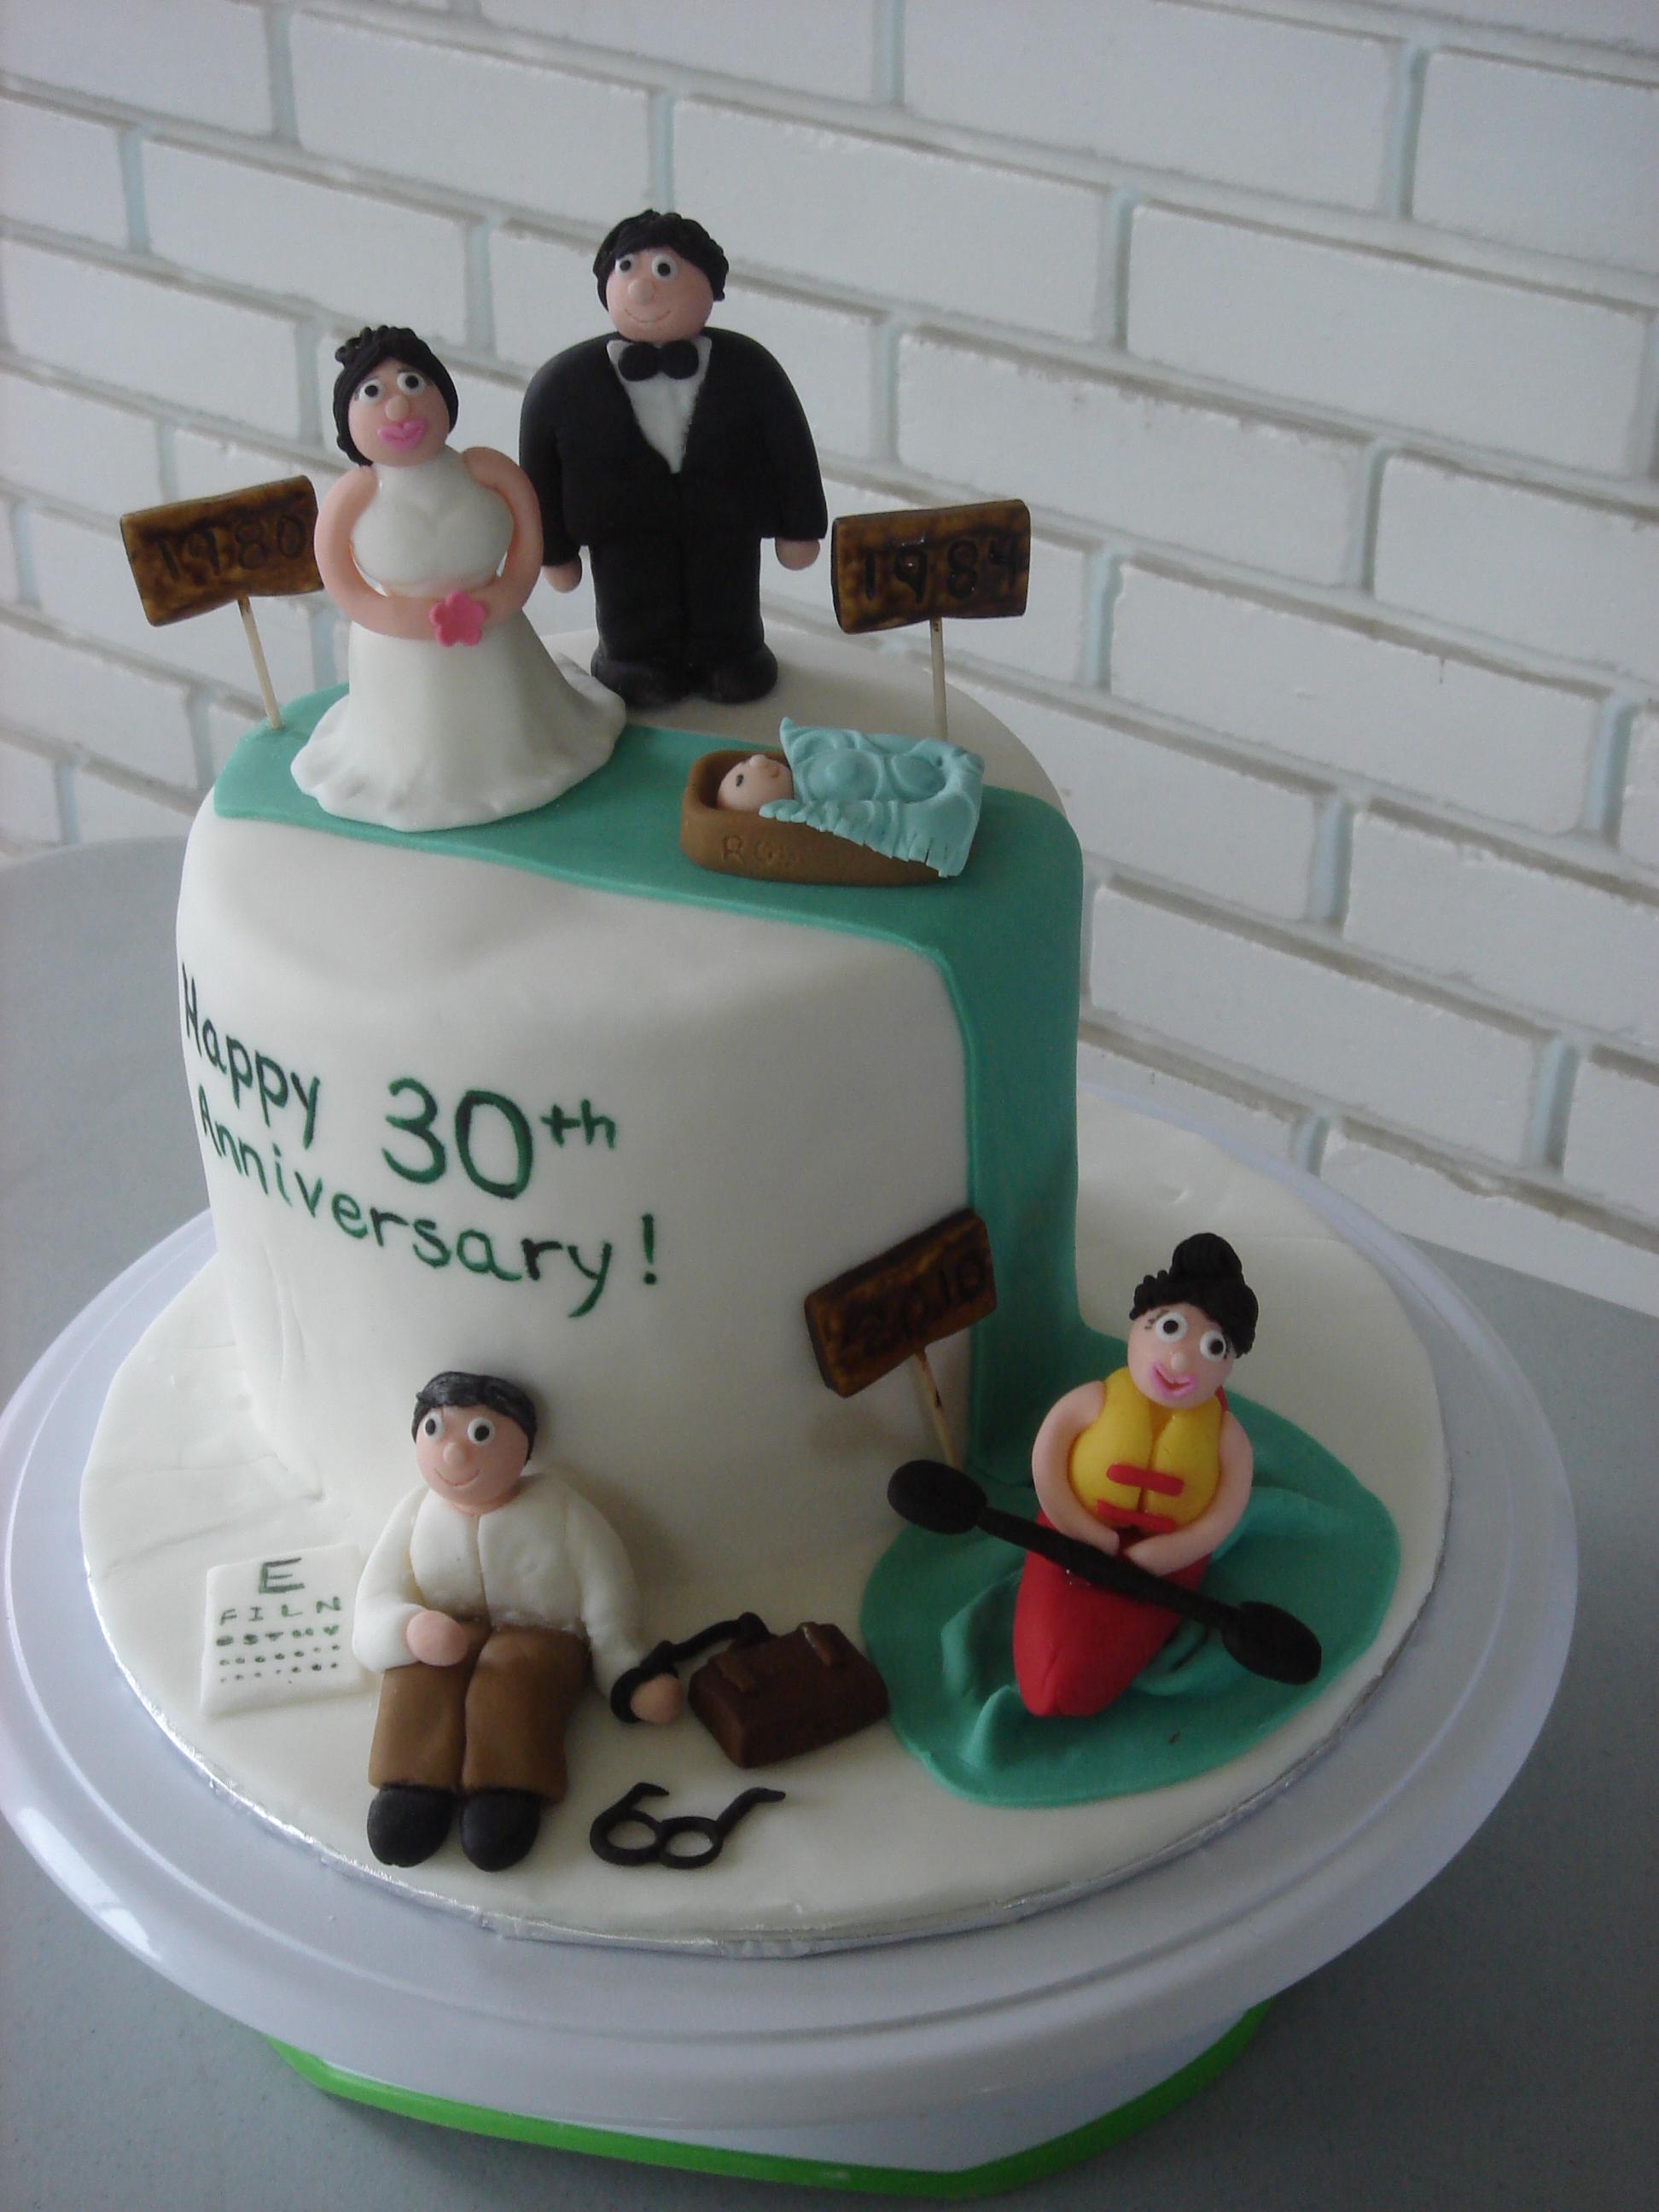 30-Year Anniversary Cake Ideas